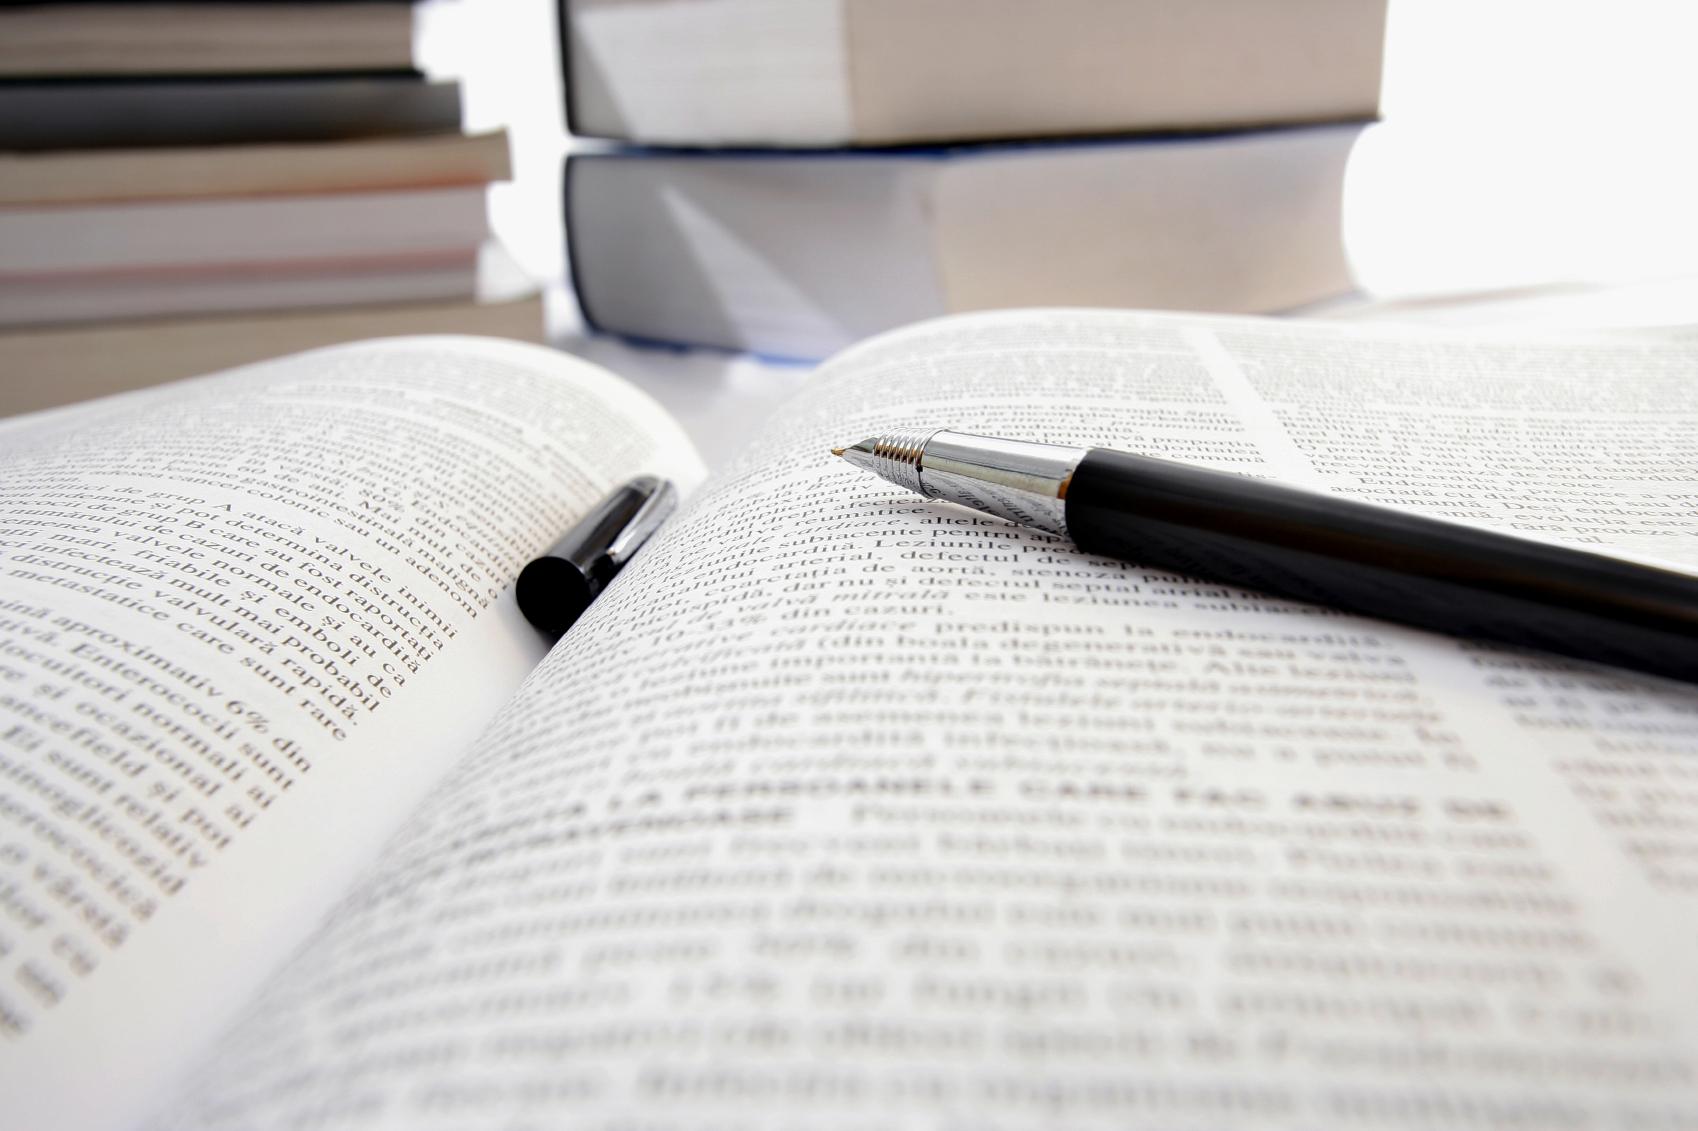 科研写作:namely 与其他表达式,如 such as 和 including 的用法